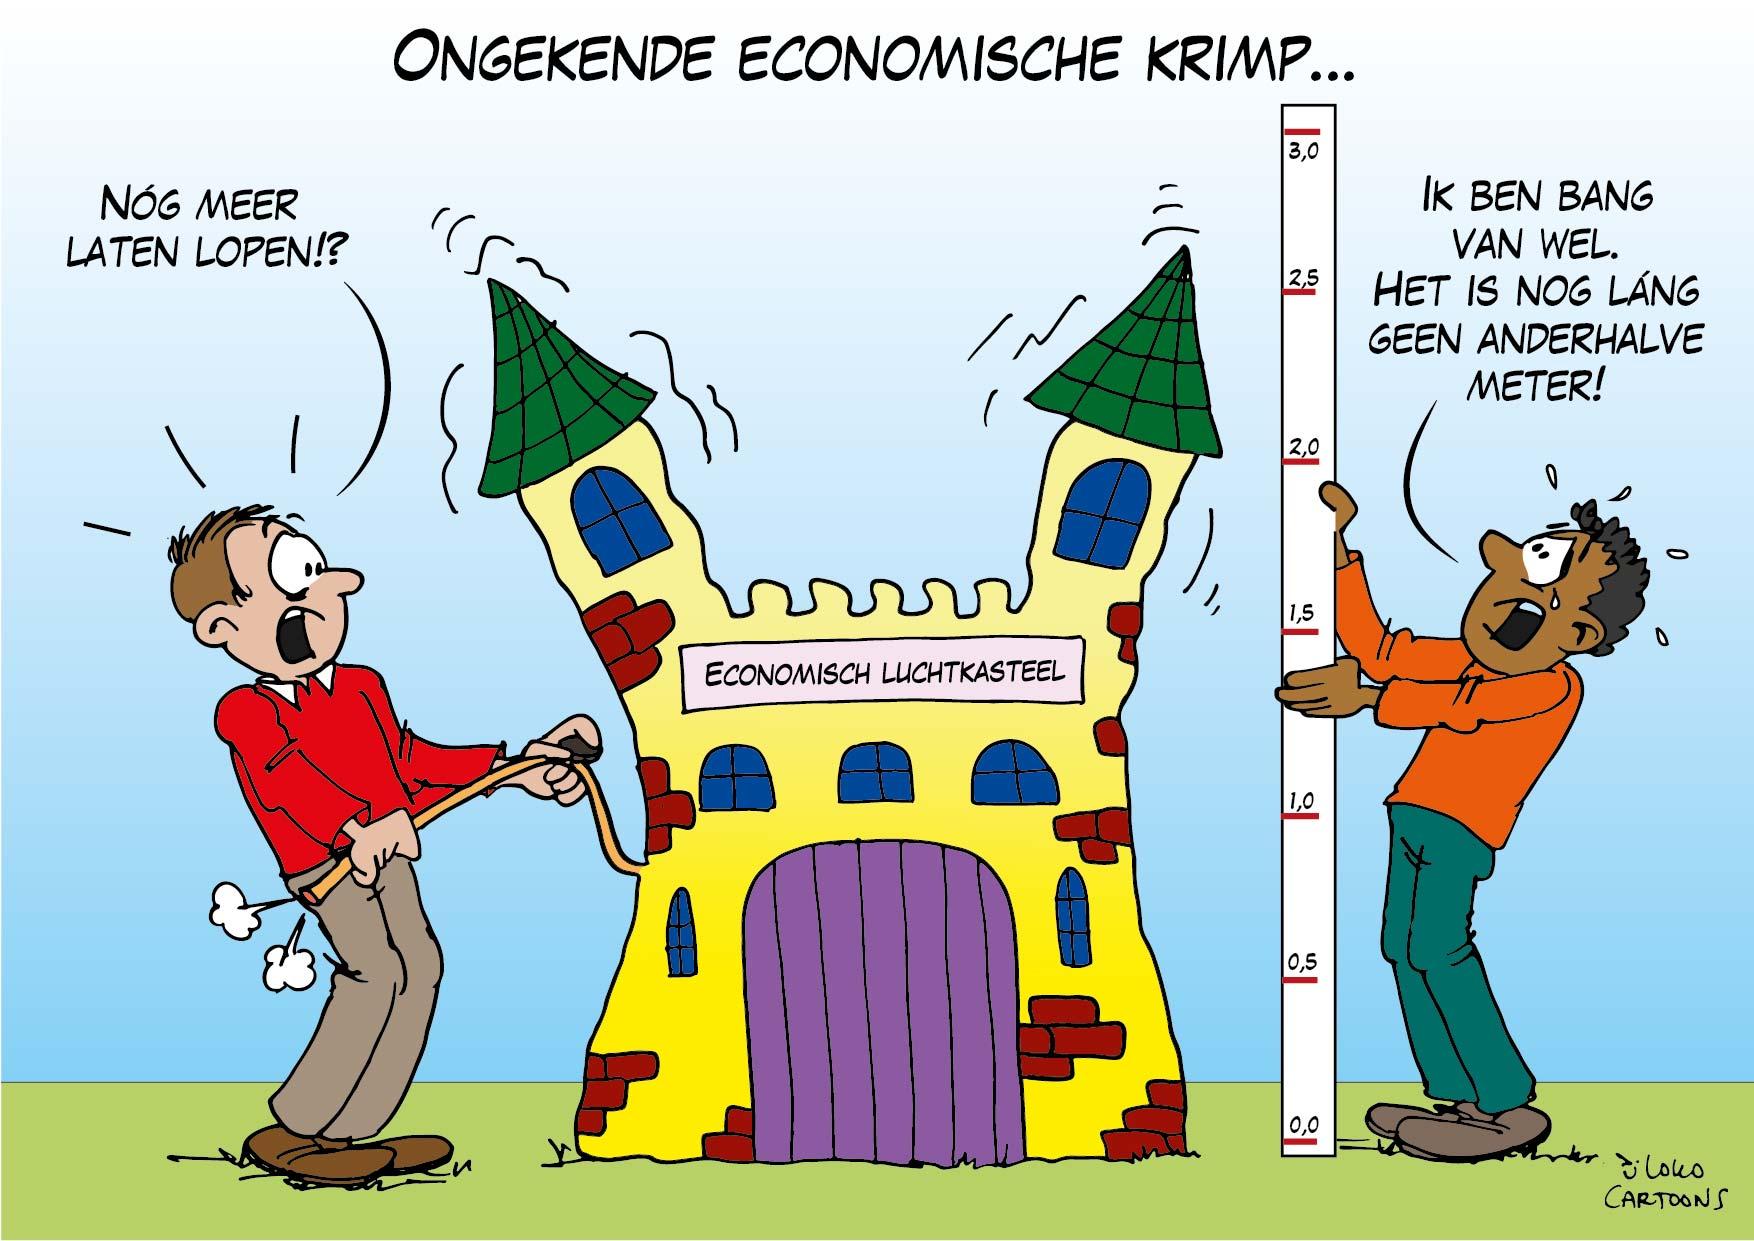 Ongekende economische krimp…